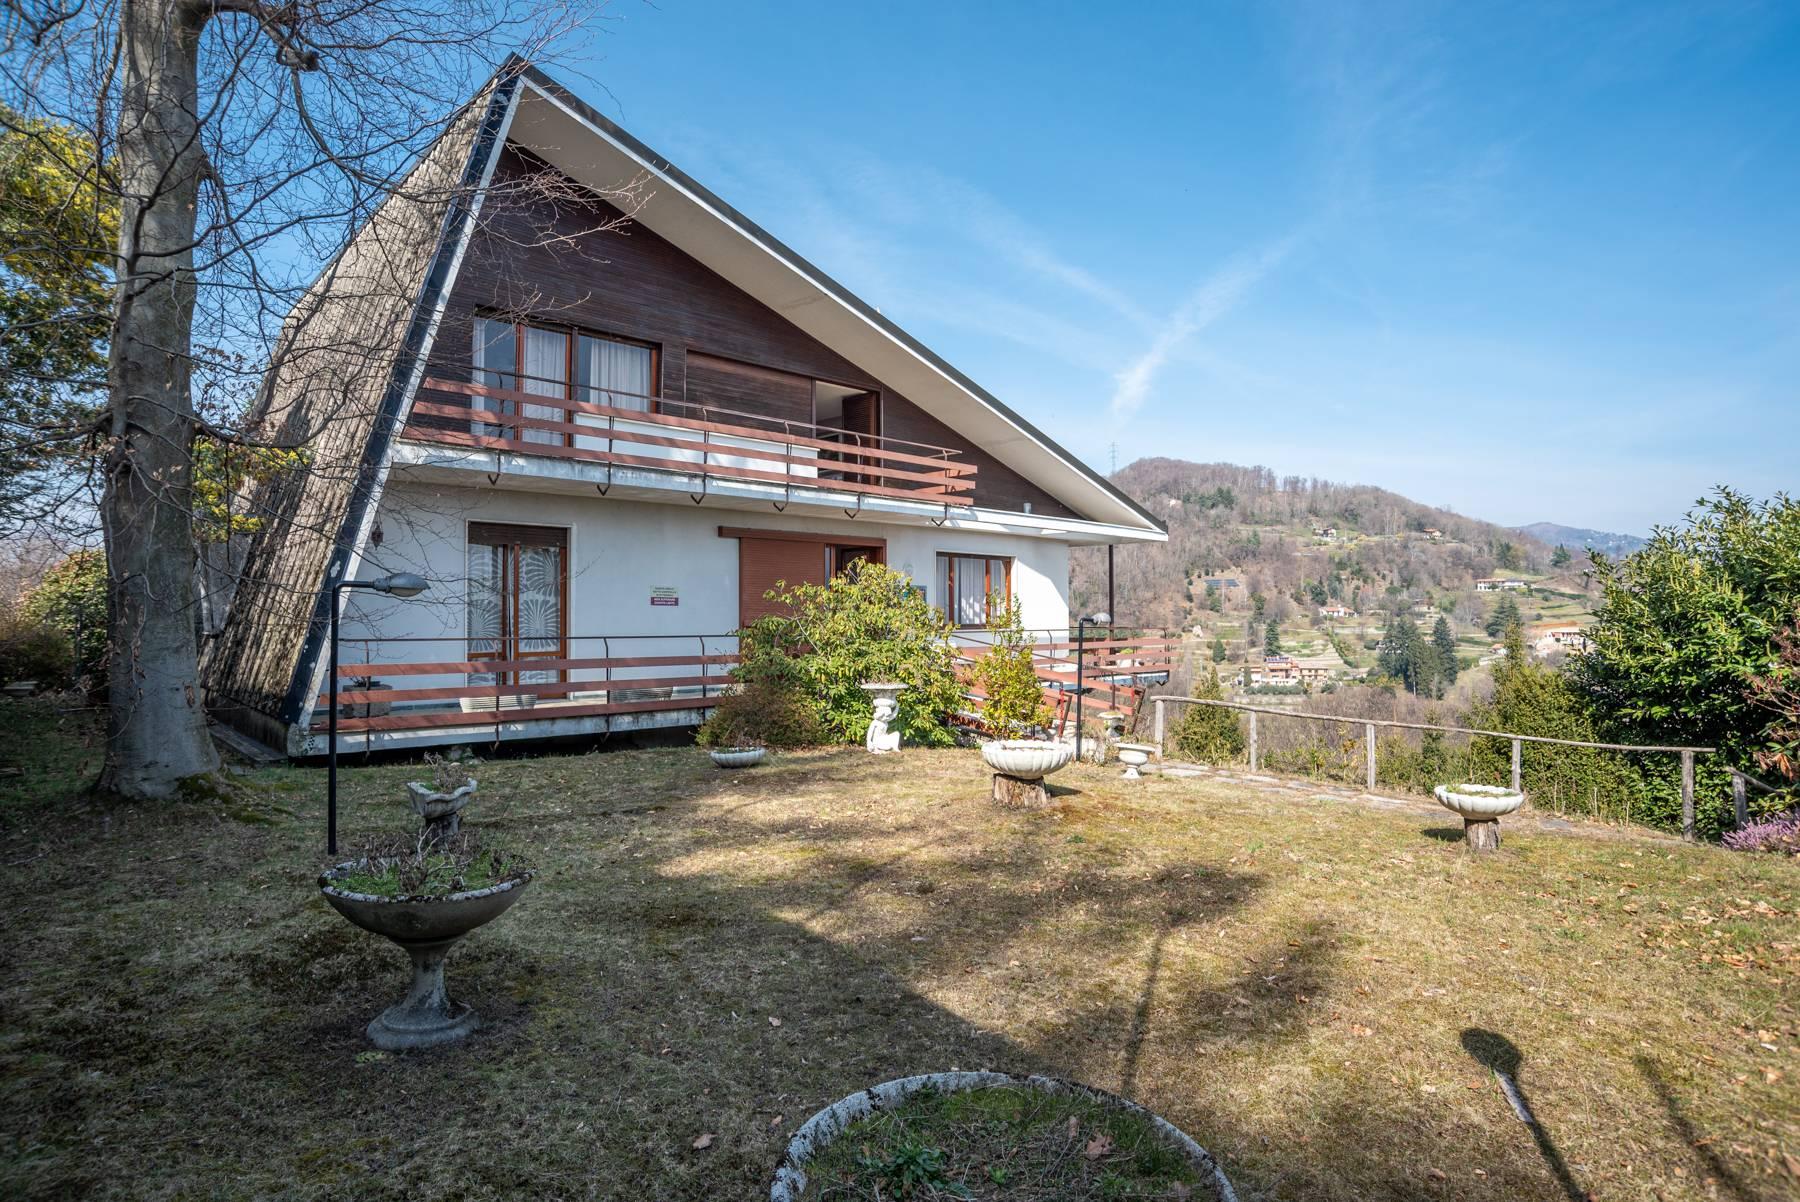 Villa in Vendita a Arona: 5 locali, 350 mq - Foto 16